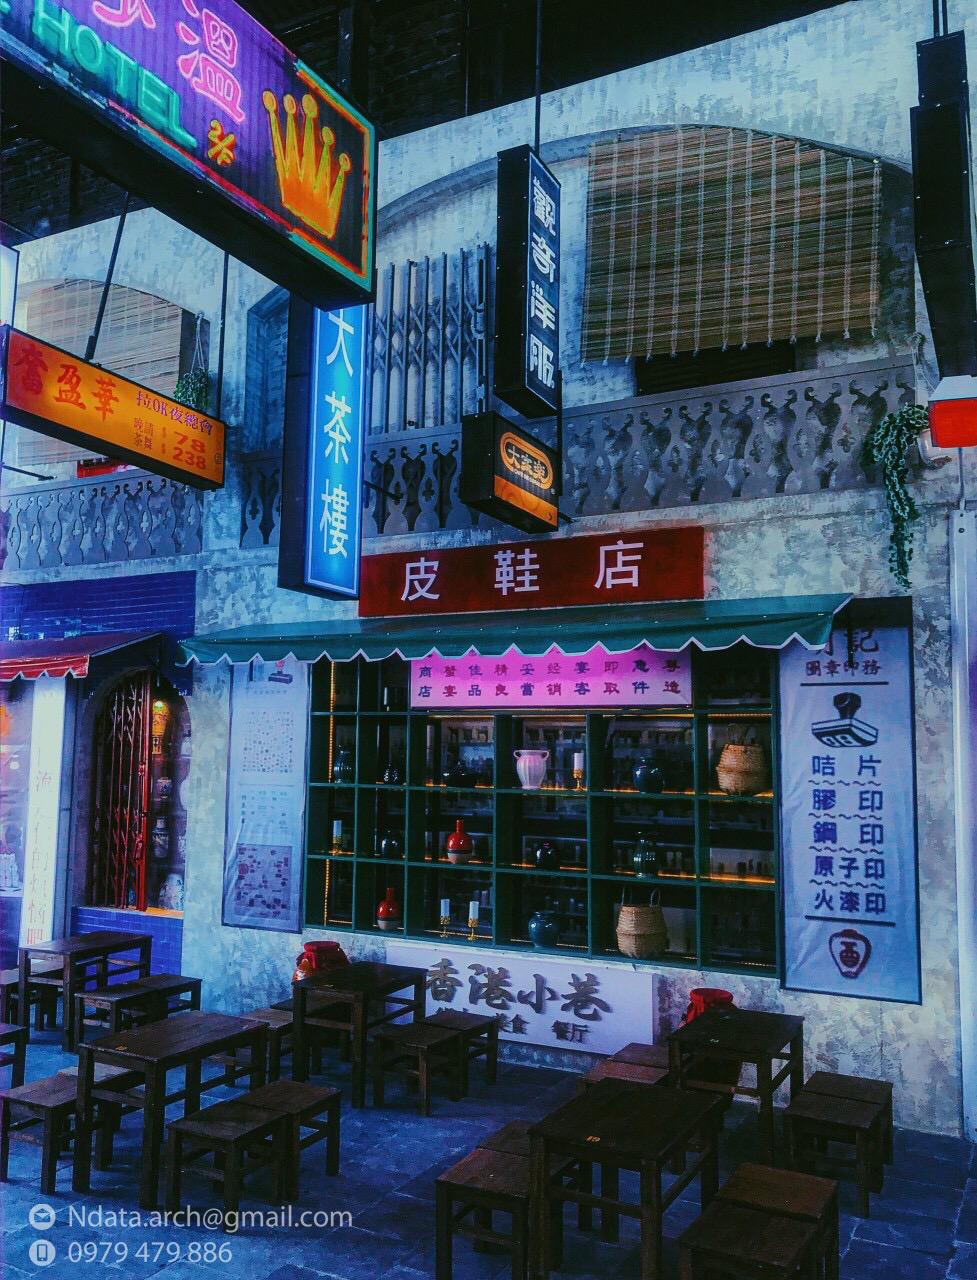 Thiết kế nội thất Cafe tại Khánh Hòa Hẻm phố Hongkong 1580971525 1